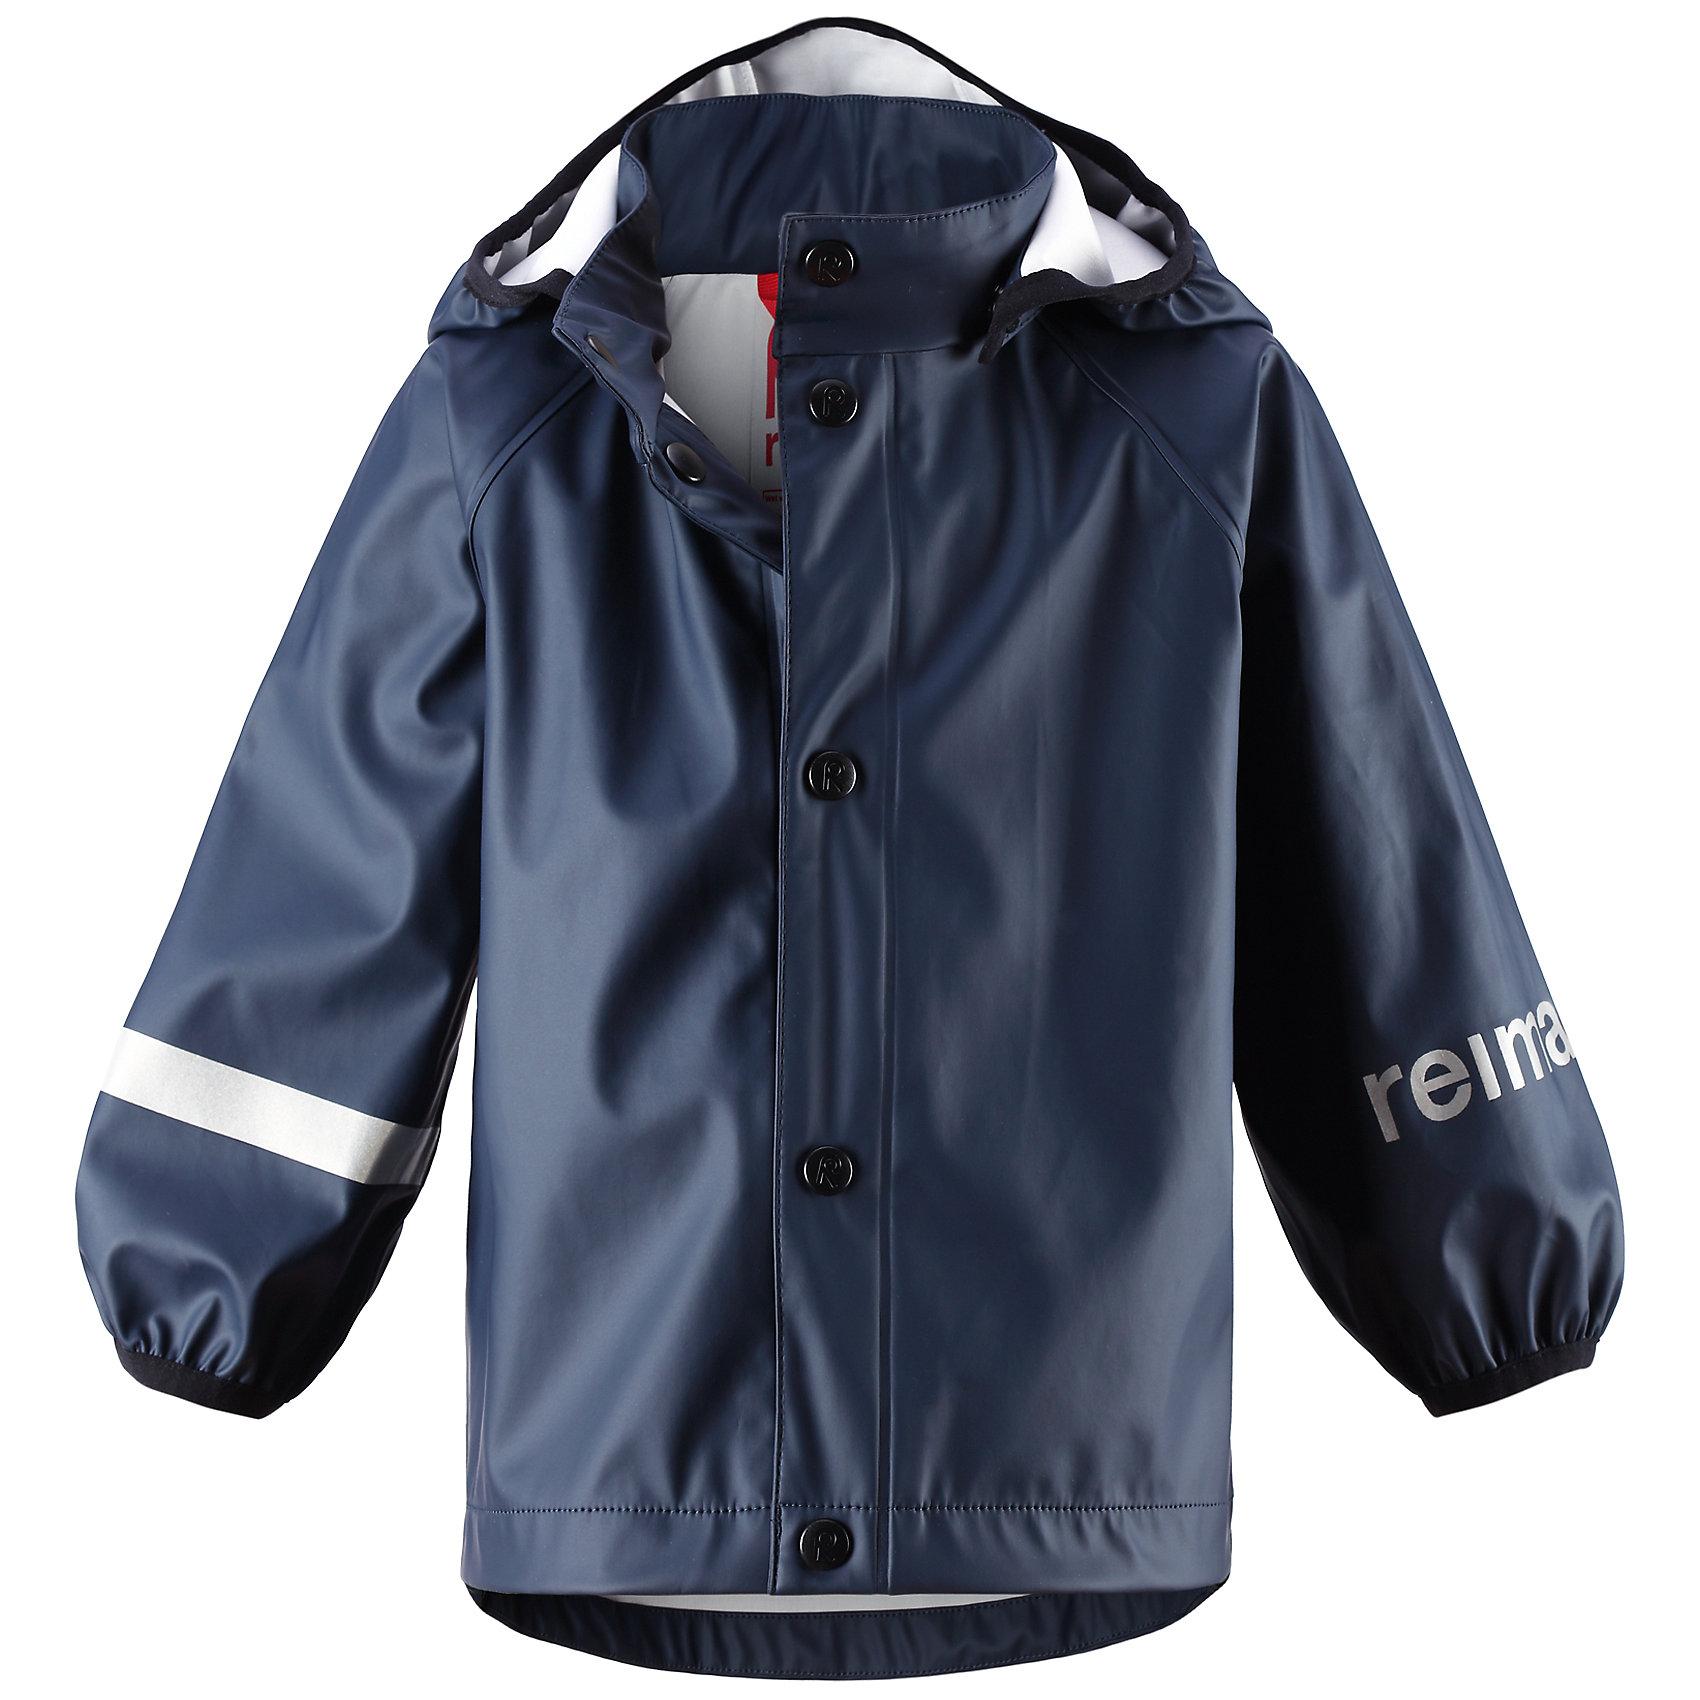 Плащ-дождевик для мальчика ReimaВерхняя одежда<br>Плащ-дождевик для мальчика от финской марки Reima.<br>Что может быть веселее чем попрыгать под дождем? Дождевик Lampi обеспечит ребенку сухие плечи.<br><br>* Эластичный и износостойкий материал<br>* Запаянные швы<br>* Съемный капюшон<br>* Эластичные манжеты<br><br>Отличный вариант для дождливой погоды.<br><br>Состав:<br>100% Полиэстер<br><br>Ширина мм: 356<br>Глубина мм: 10<br>Высота мм: 245<br>Вес г: 519<br>Цвет: синий<br>Возраст от месяцев: 6<br>Возраст до месяцев: 9<br>Пол: Мужской<br>Возраст: Детский<br>Размер: 74,80,98,92,86<br>SKU: 4161278